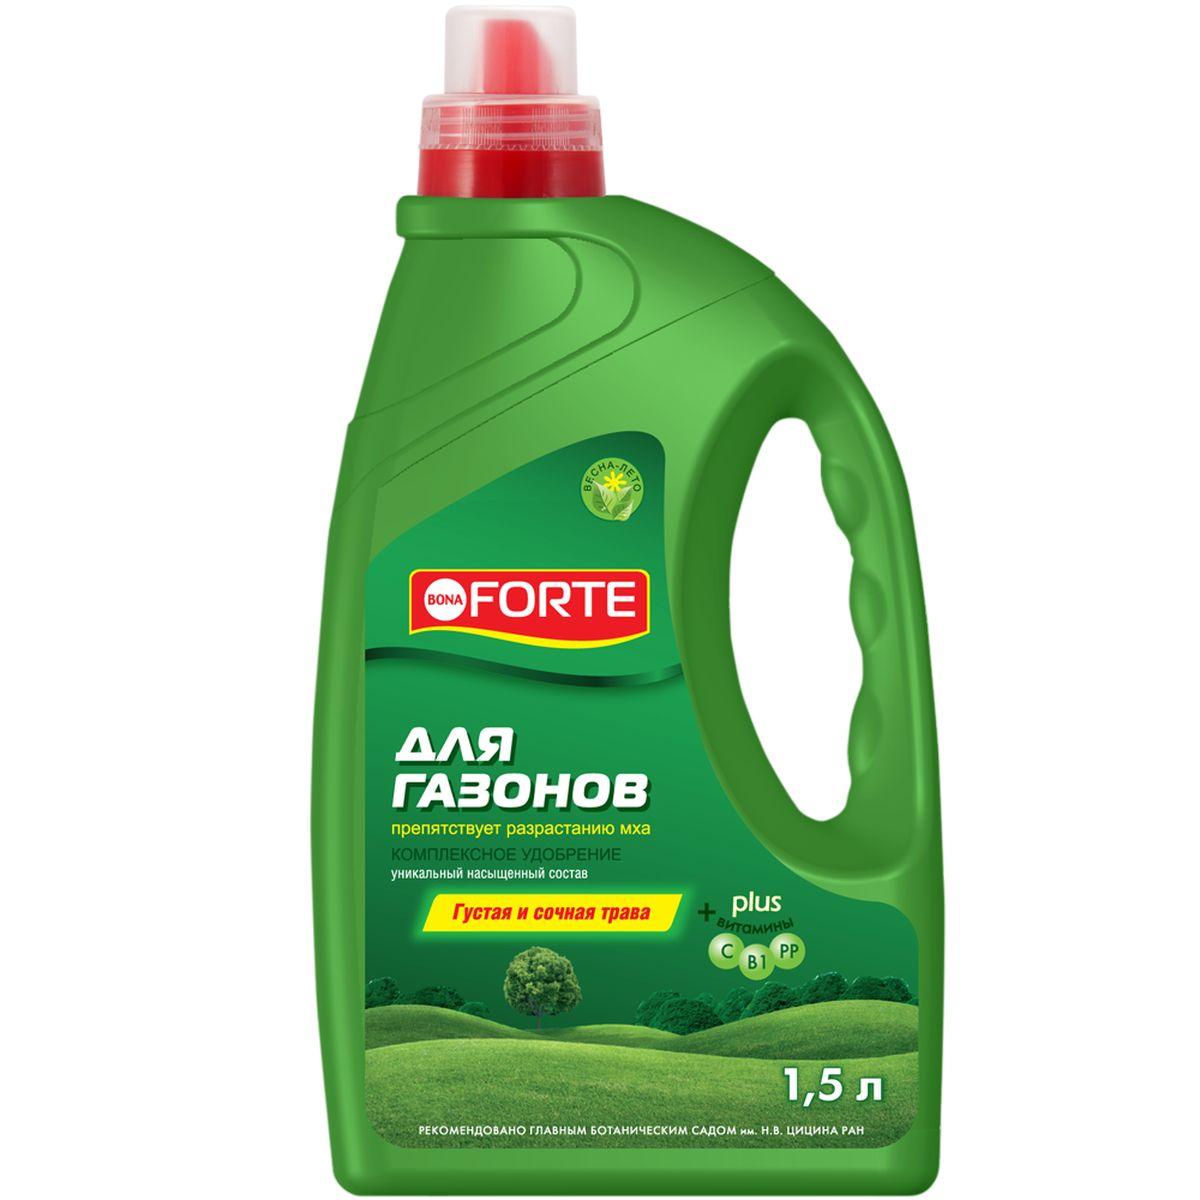 Жидкое комплексное удобрение Bona Forte, для газонов, 1,5 л